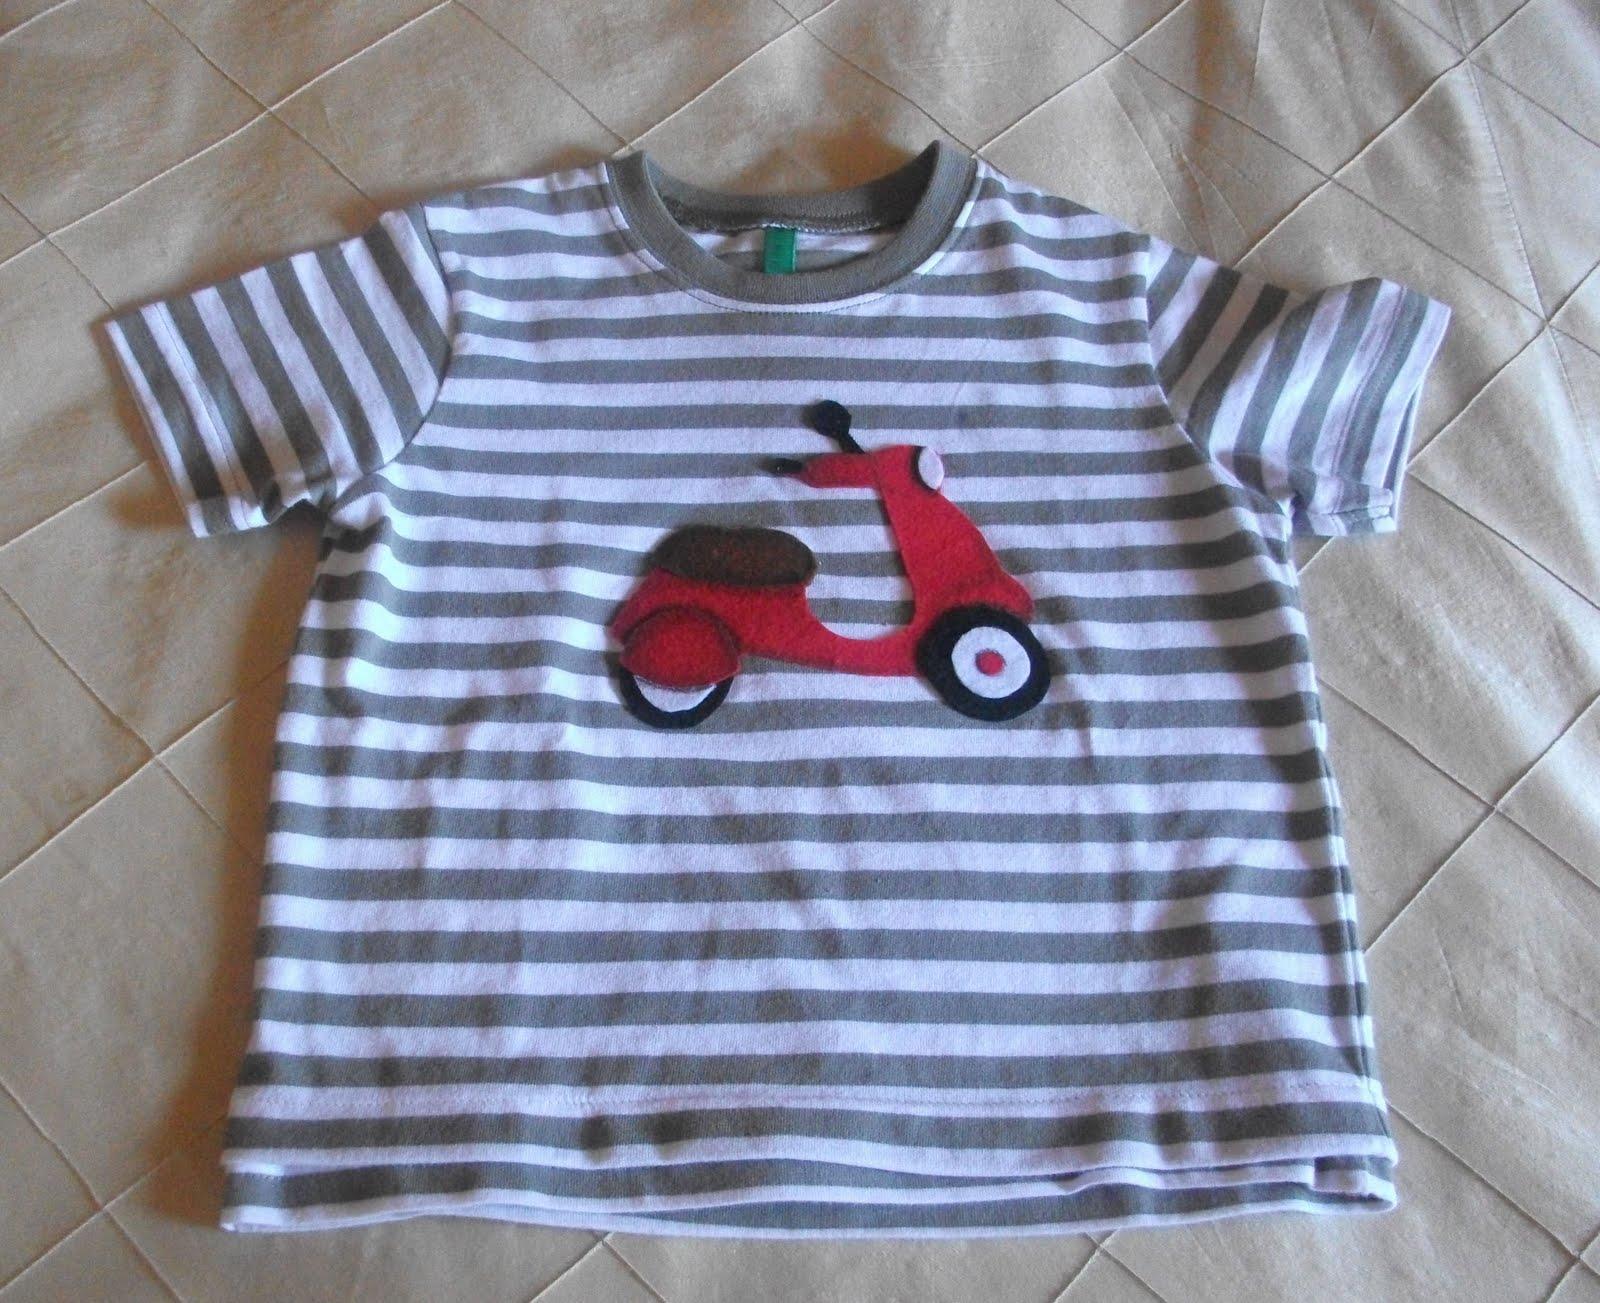 Hacer Camisetas Finest Cmo Hacer Camisetas De Ftbol Con Papel  ~ Ideas Para Decorar Camisetas Infantiles